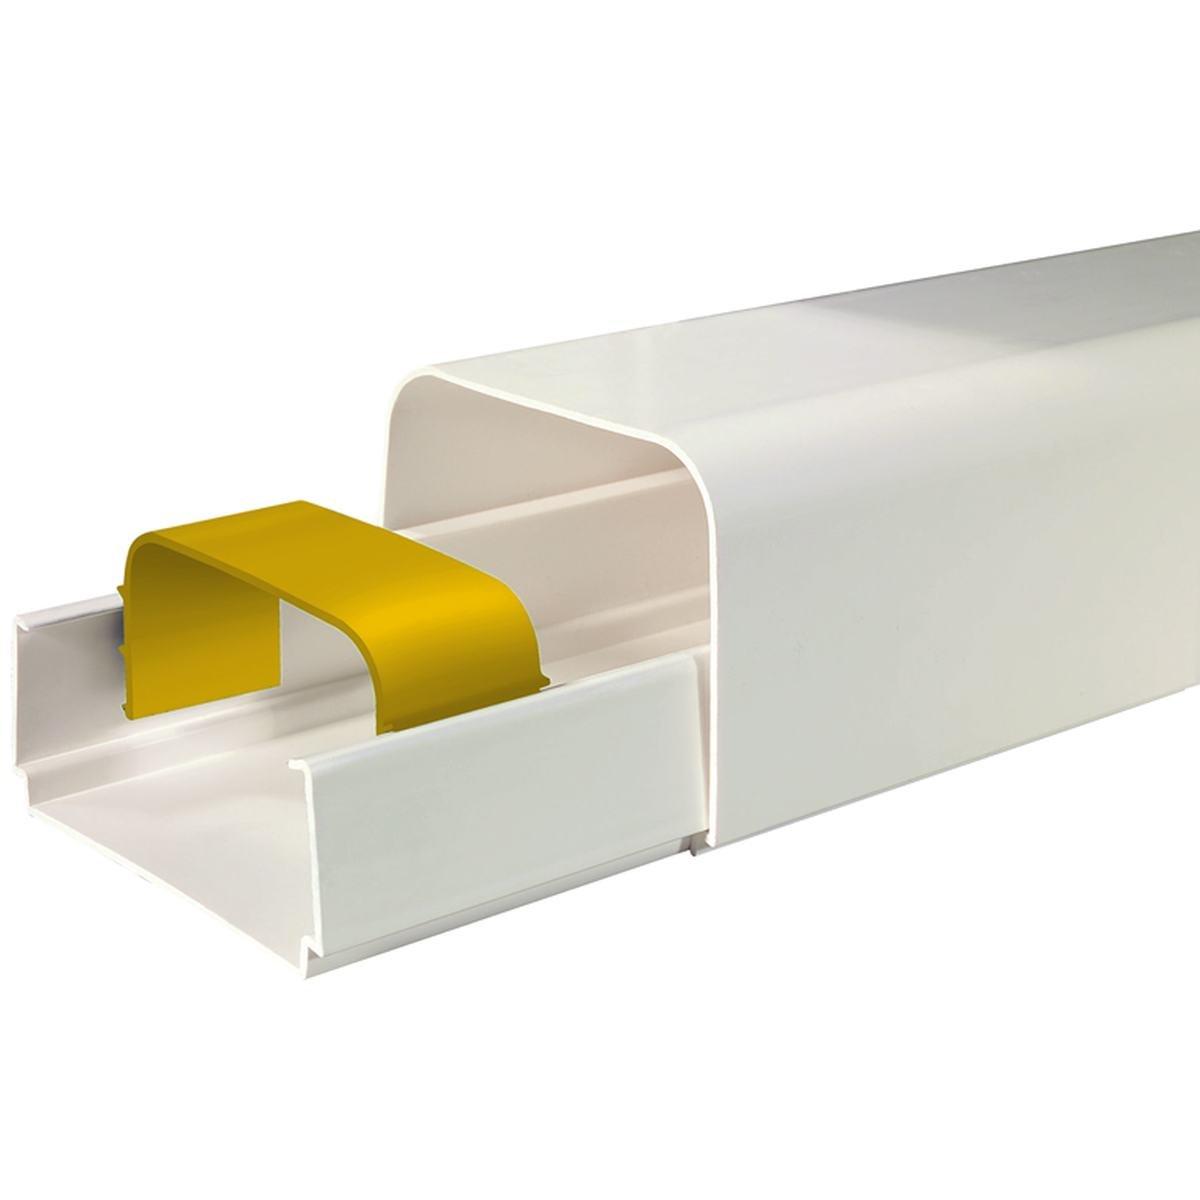 Kanallåda 80 x 60 mm vit 8 stk á 2 m